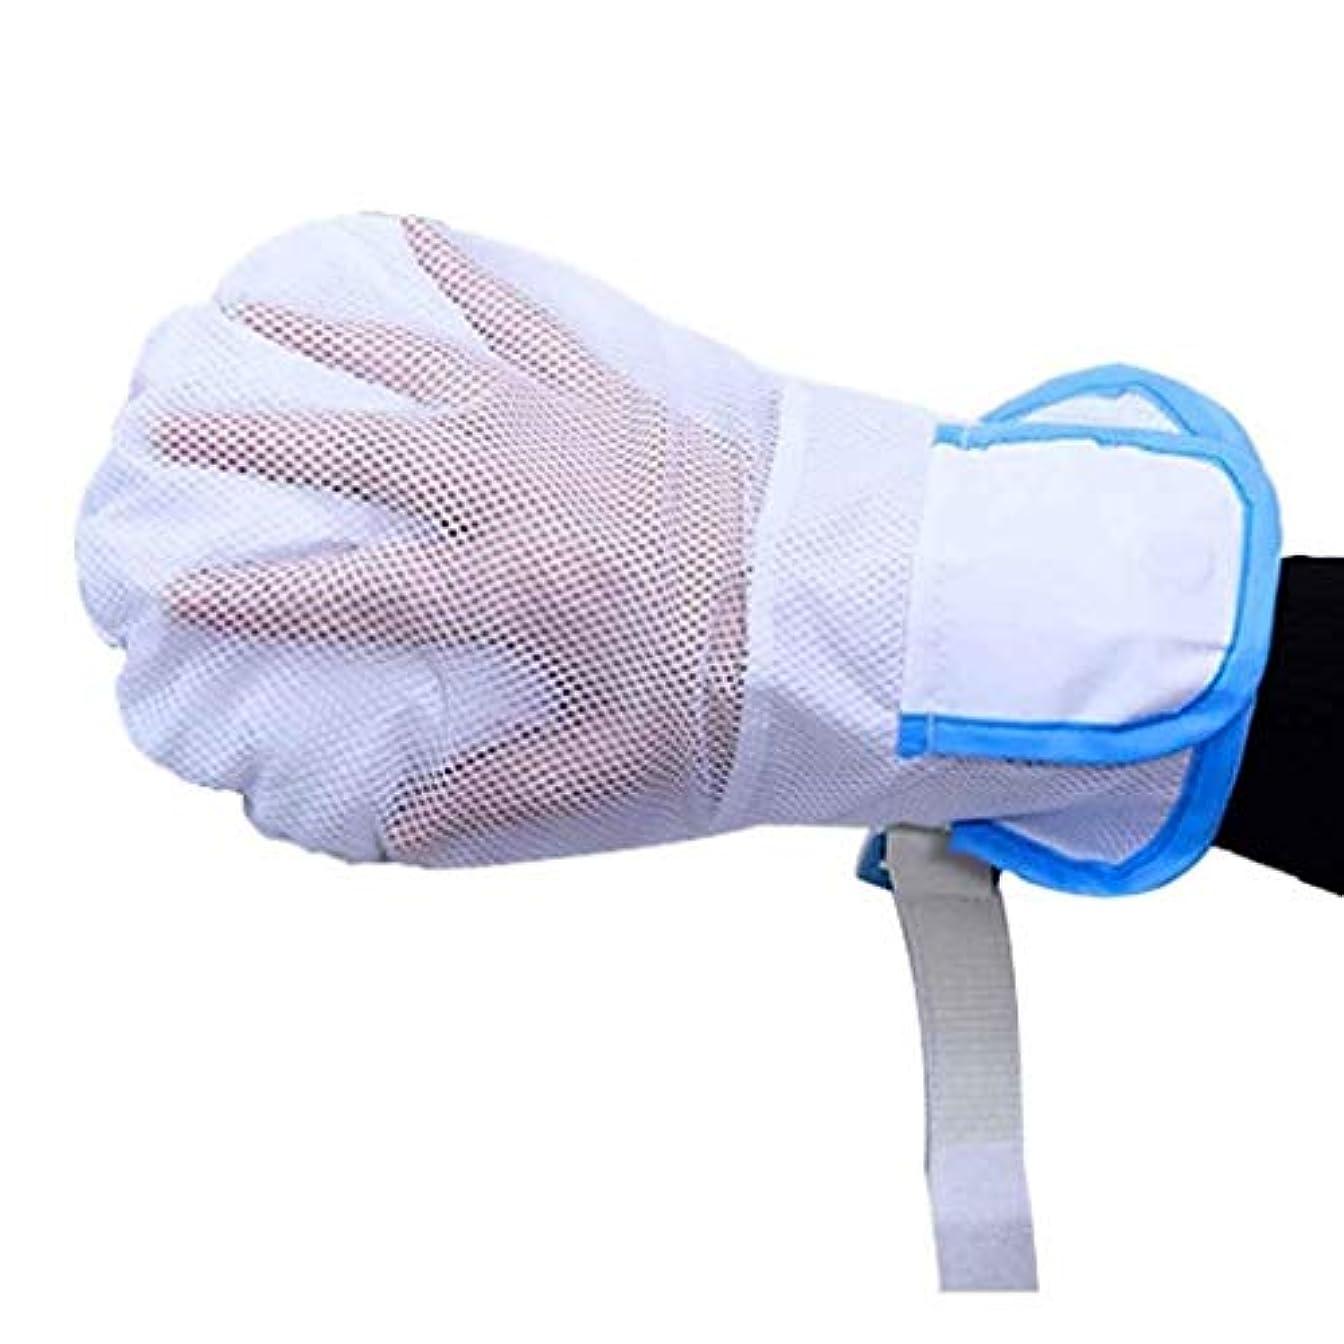 厳しい涙薄汚い安全拘束手袋、ハンドプロテクター個人用安全装置指用コントロールミット、あらゆる手のサイズに適した (Size : Single)